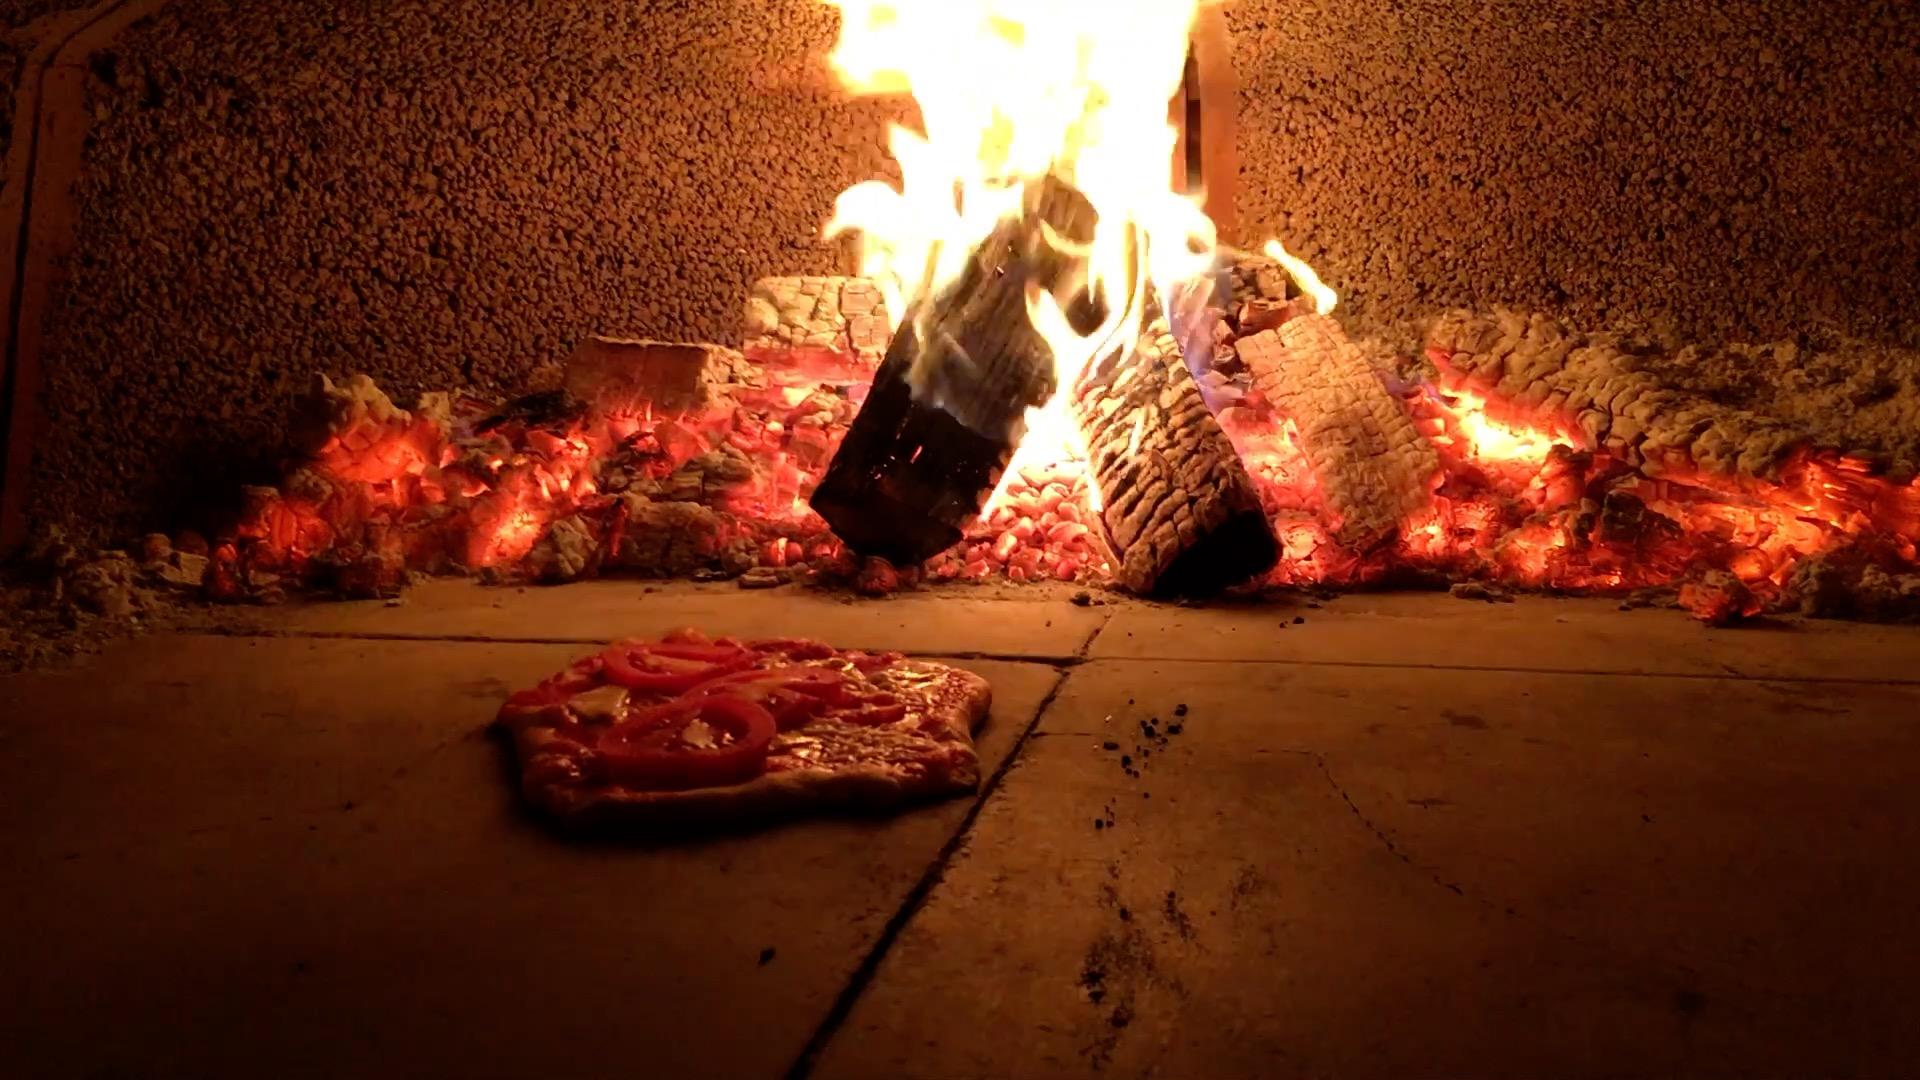 Midwinter Buiten spelen & Pizza & Vuur